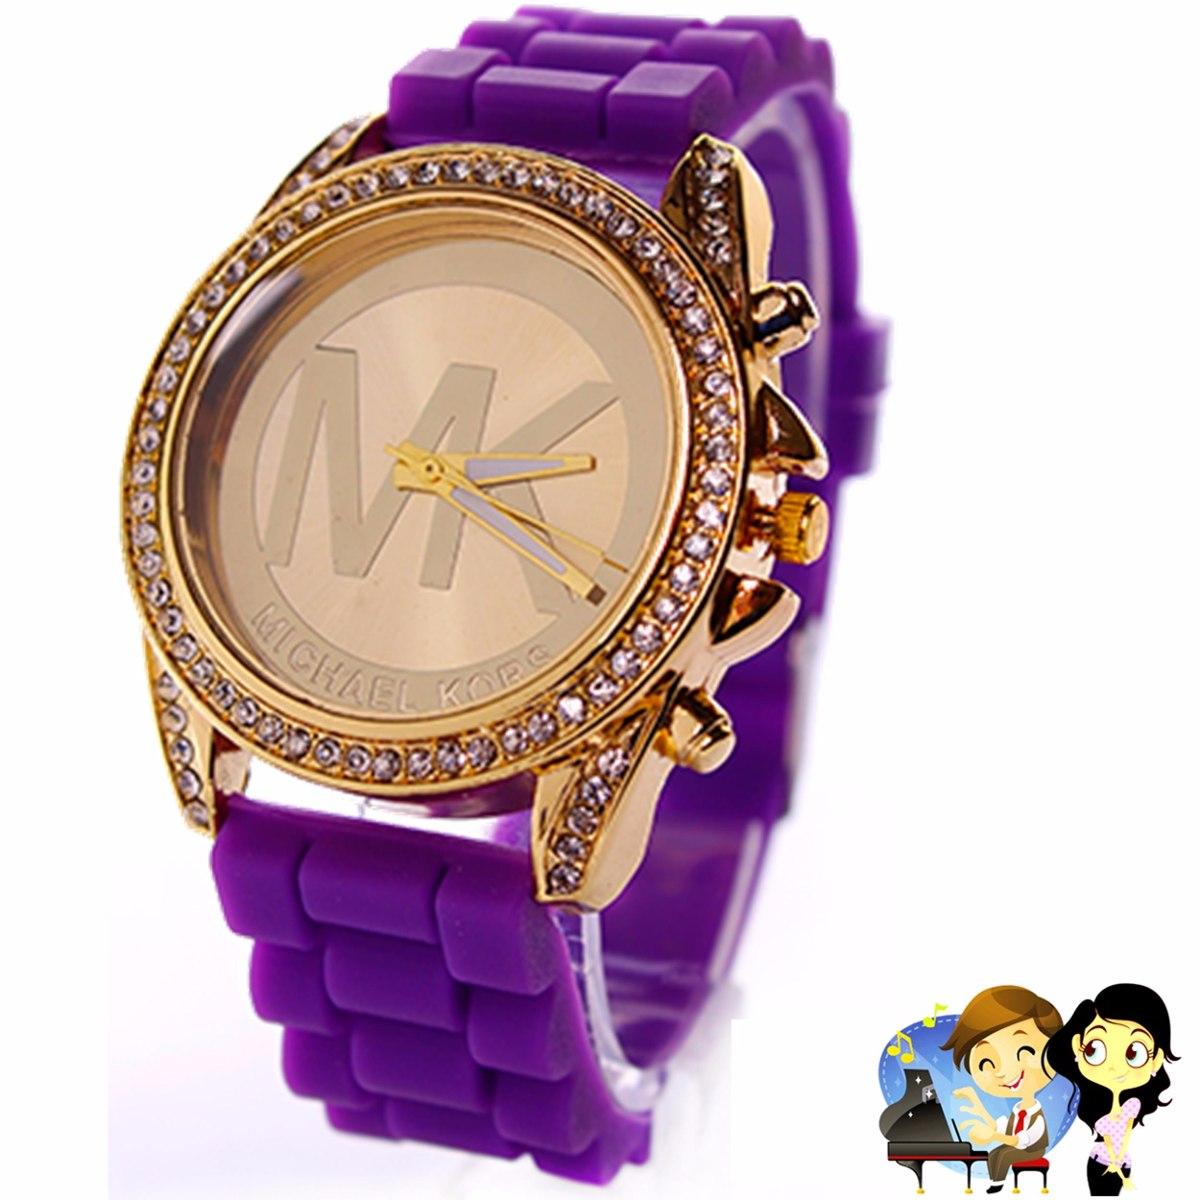 552525fe9607 reloj mk michael kors para dama deportivos y casuales oferta. Cargando zoom.